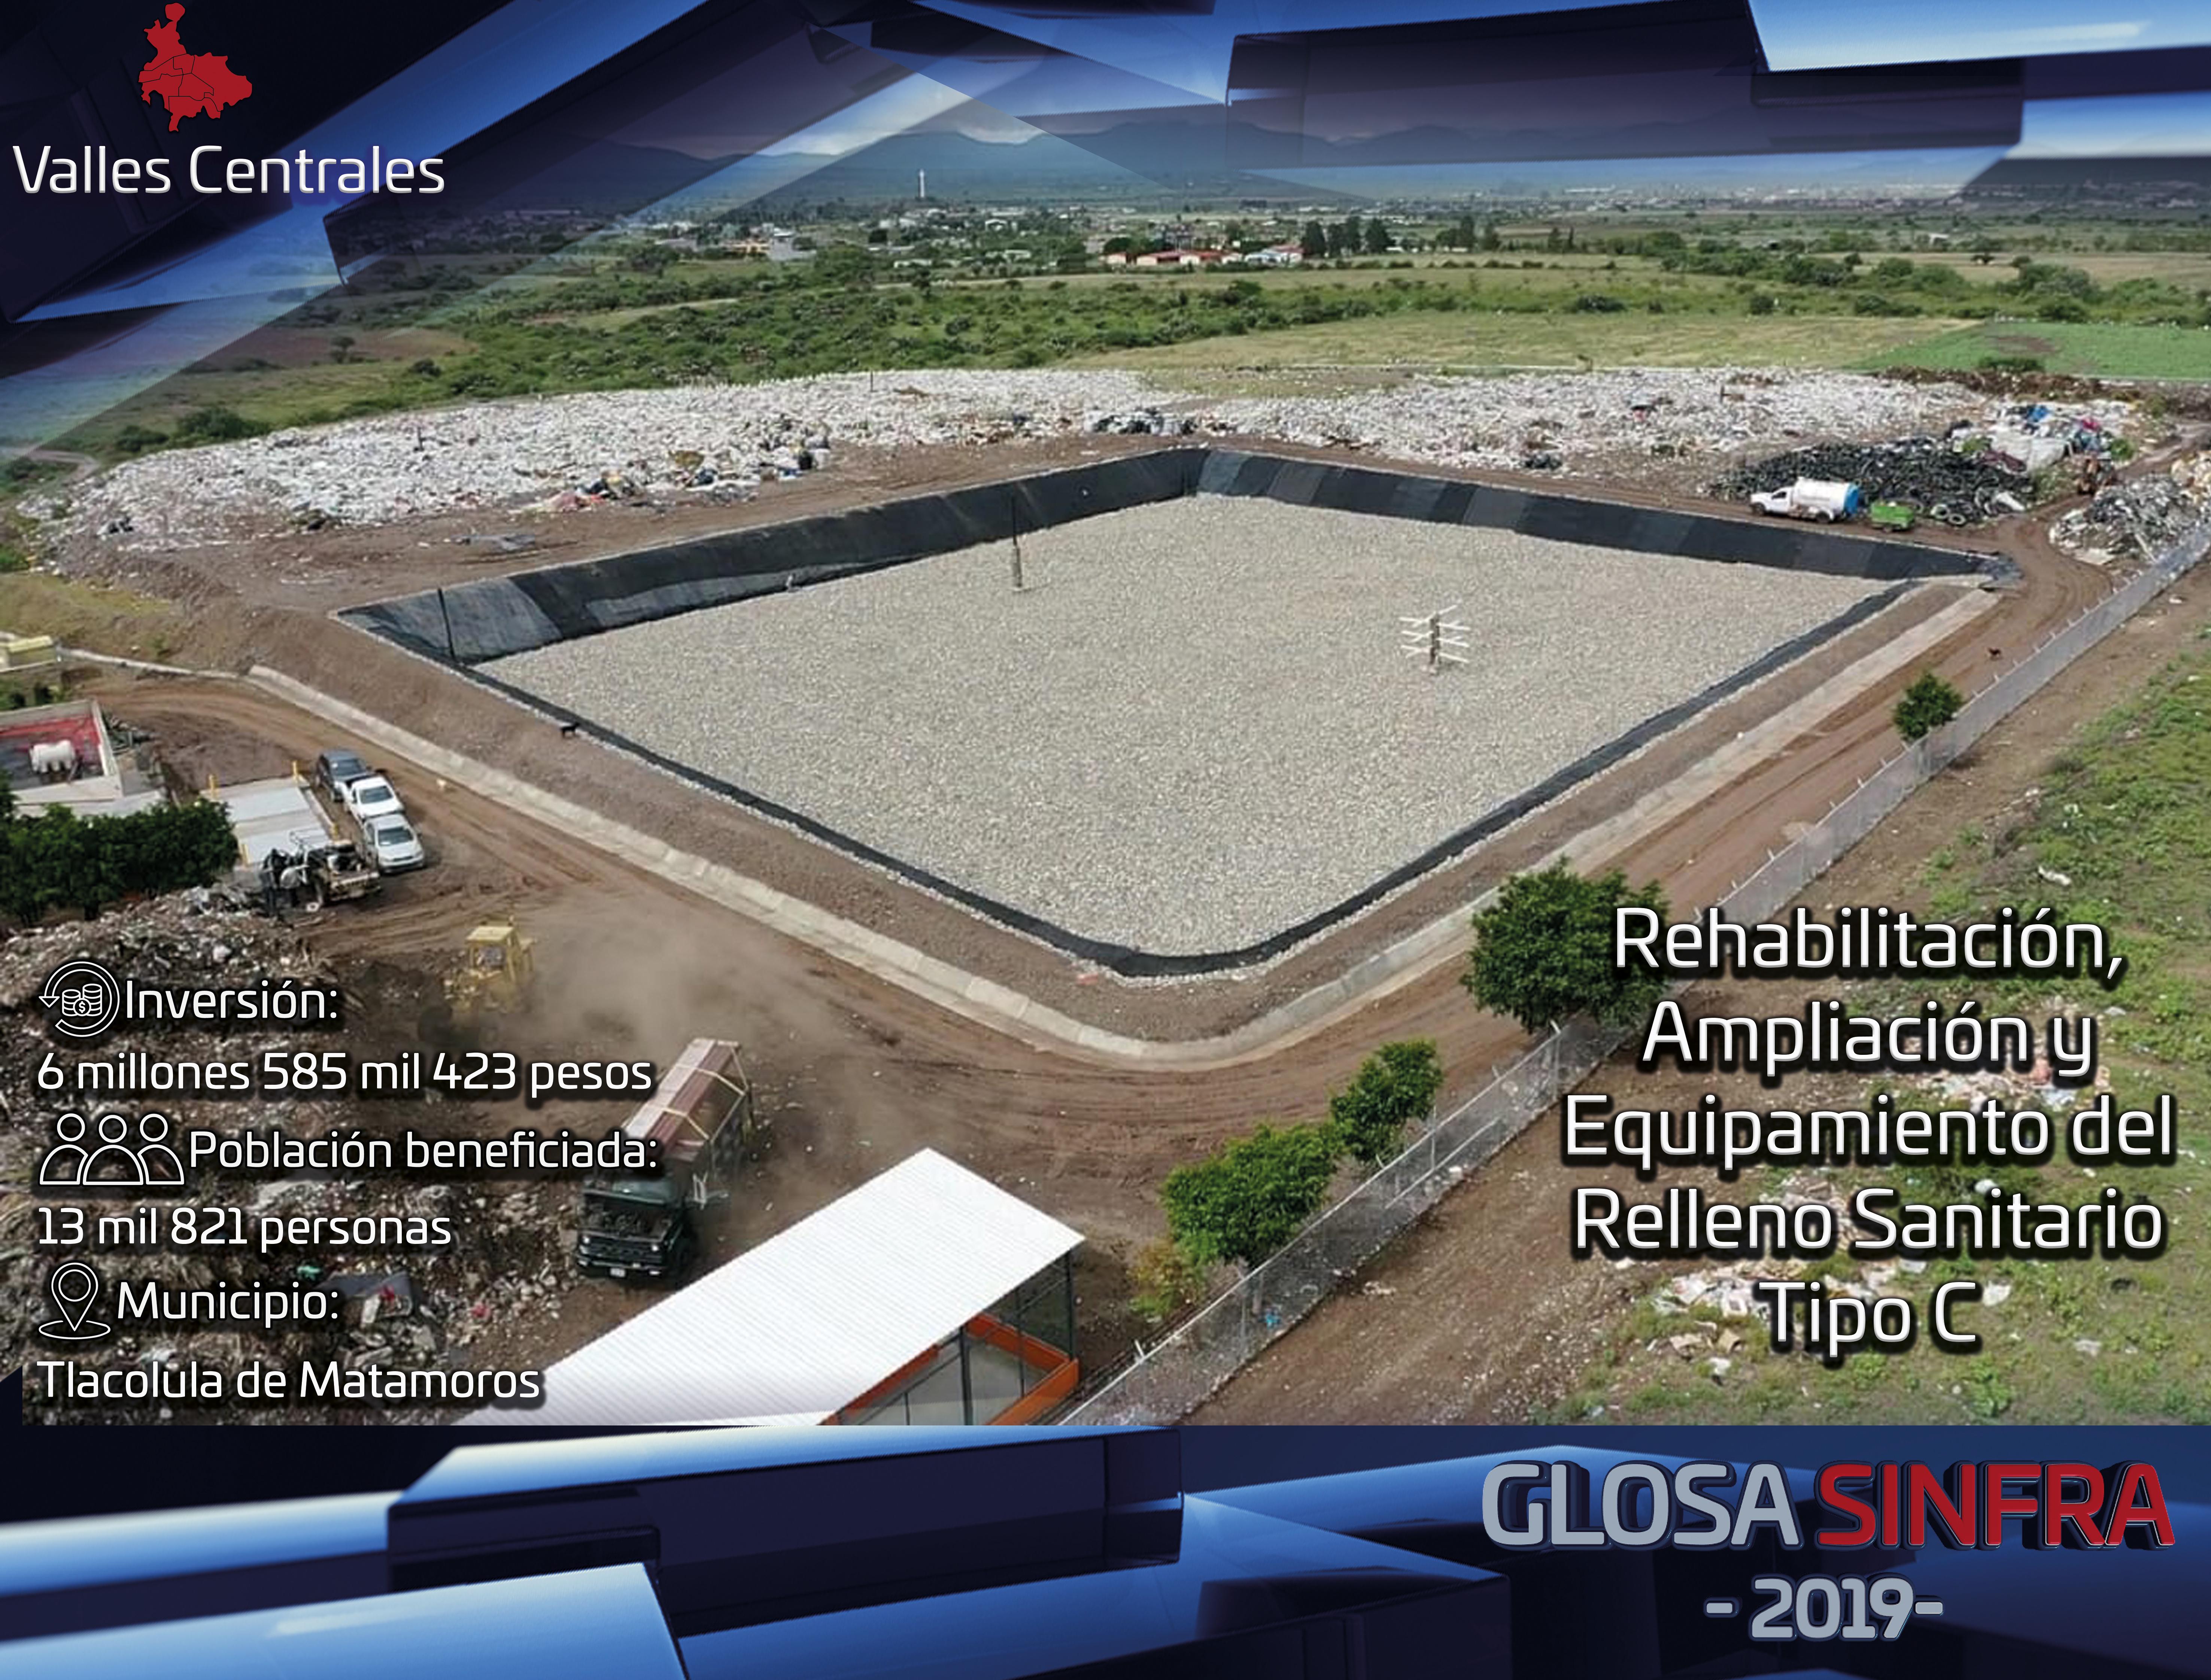 El Gobierno del Estado realiza la construcción de la infraestructura para el tratamiento de residuos que se generan en centros urbanos y rurales.